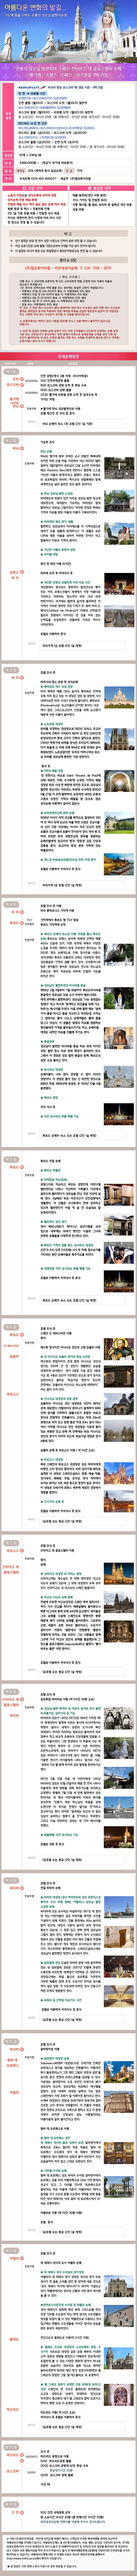 성모발현지4국_날짜삭제_0705.jpg